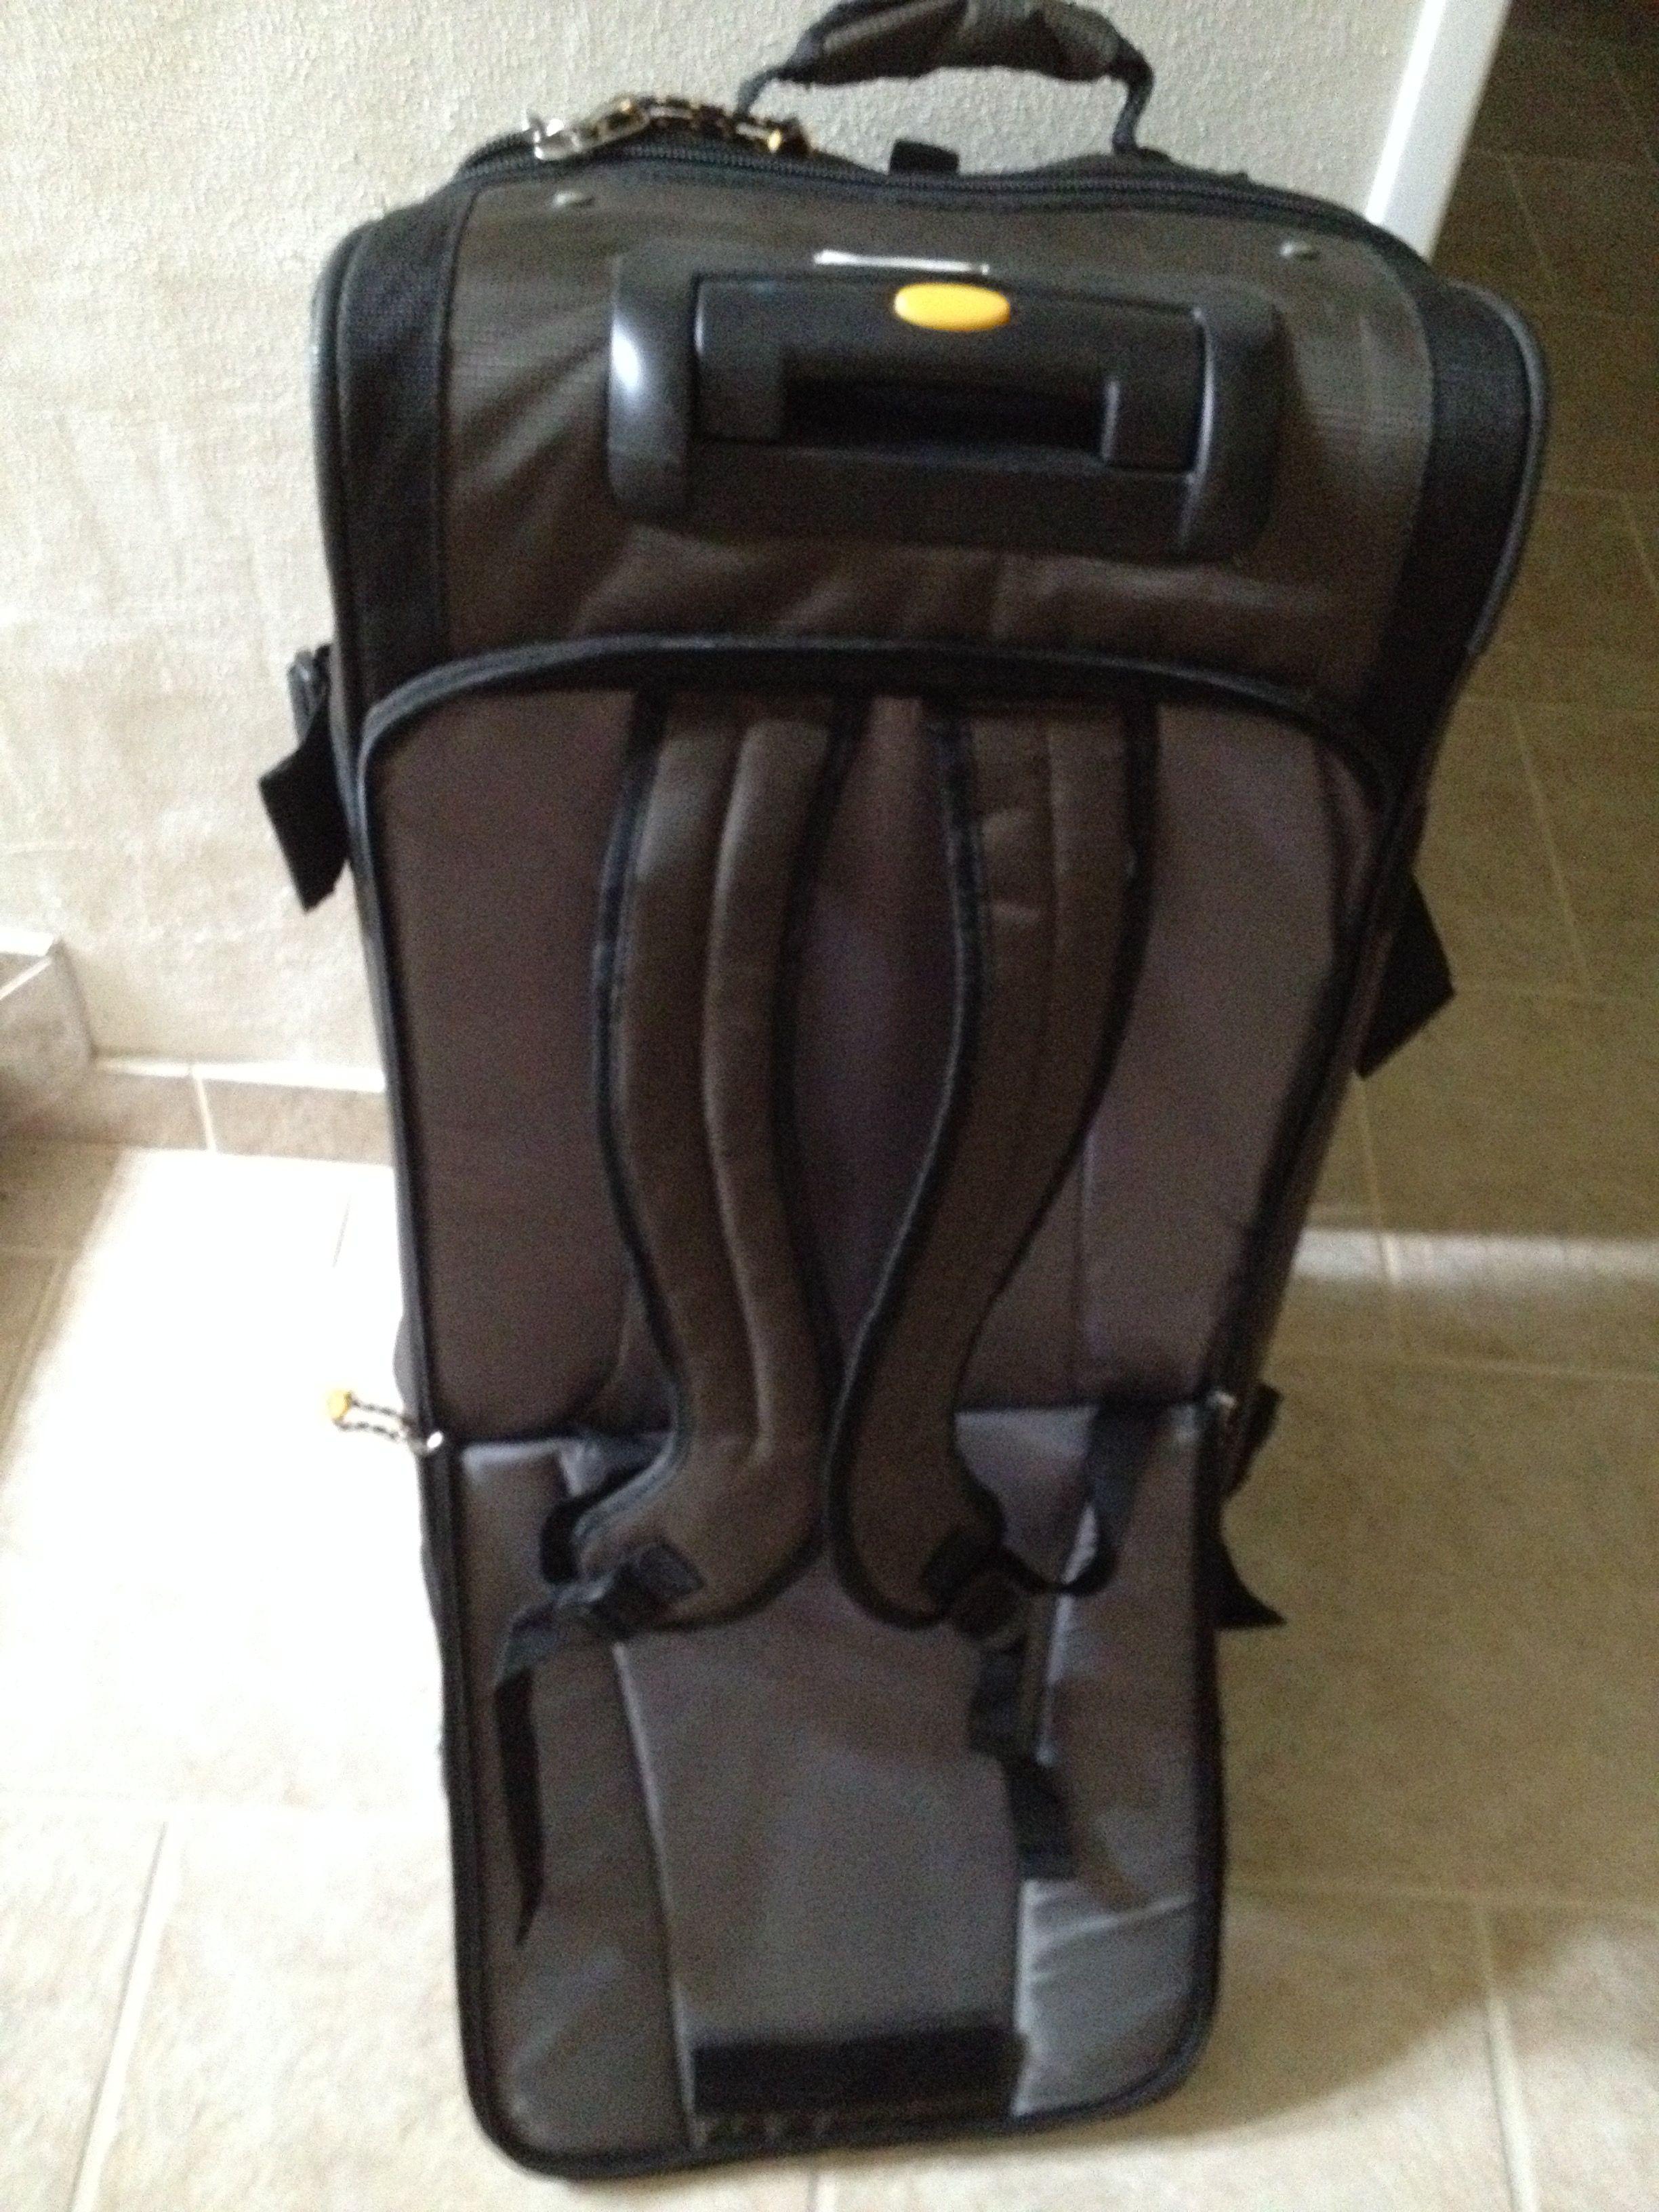 Samsonite 30 Inch Wheeled Duffel Costco With Backpack